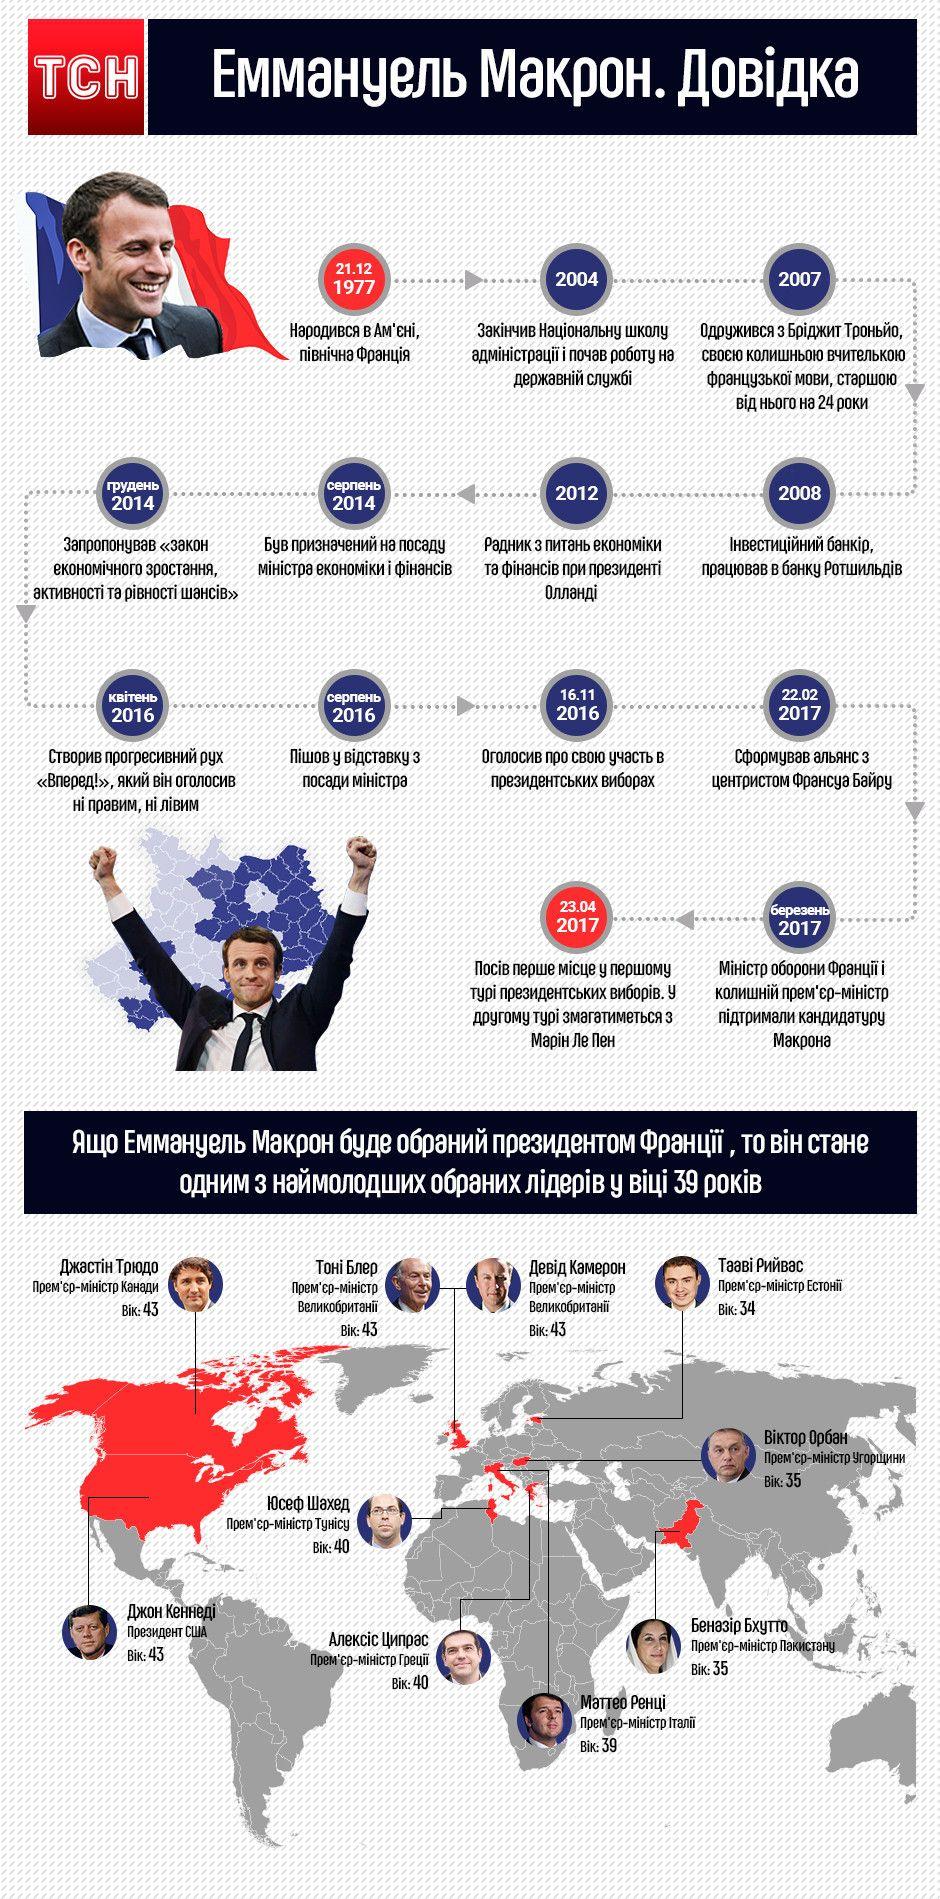 Довідка Еммануель Макрон, інфографіка